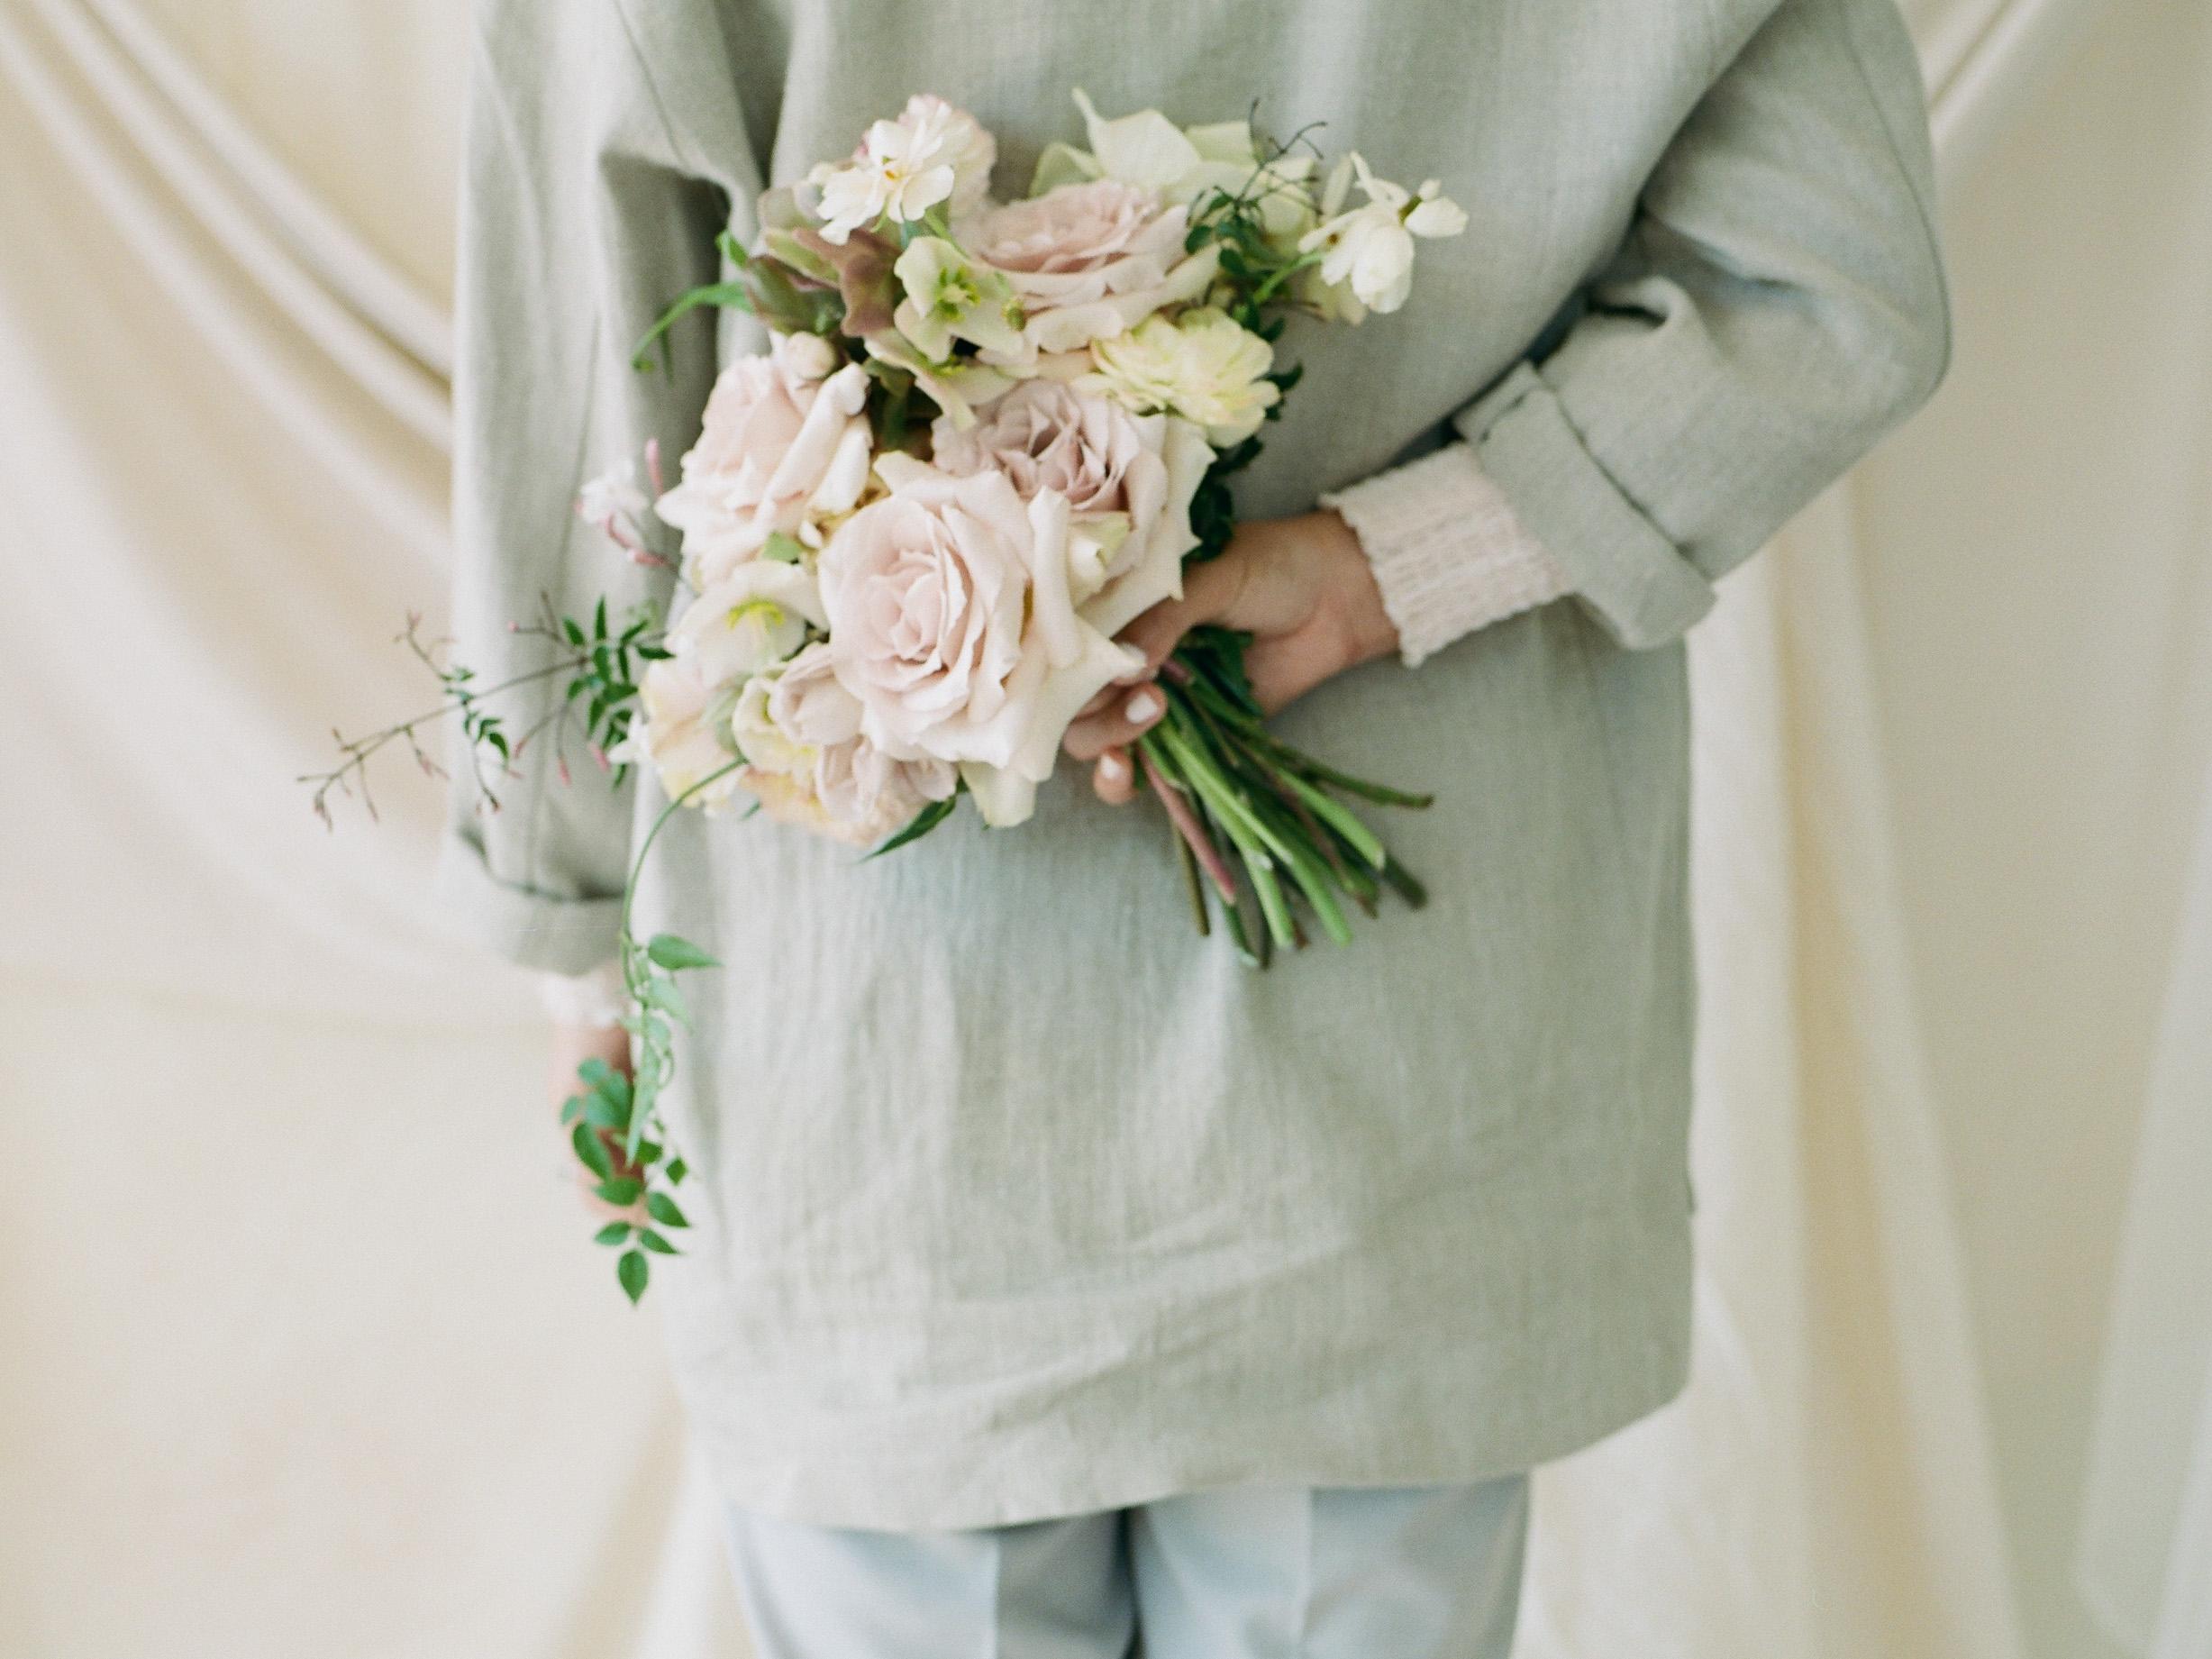 olea-and-fig-blooming-wed-brand-shoot-37.jpg